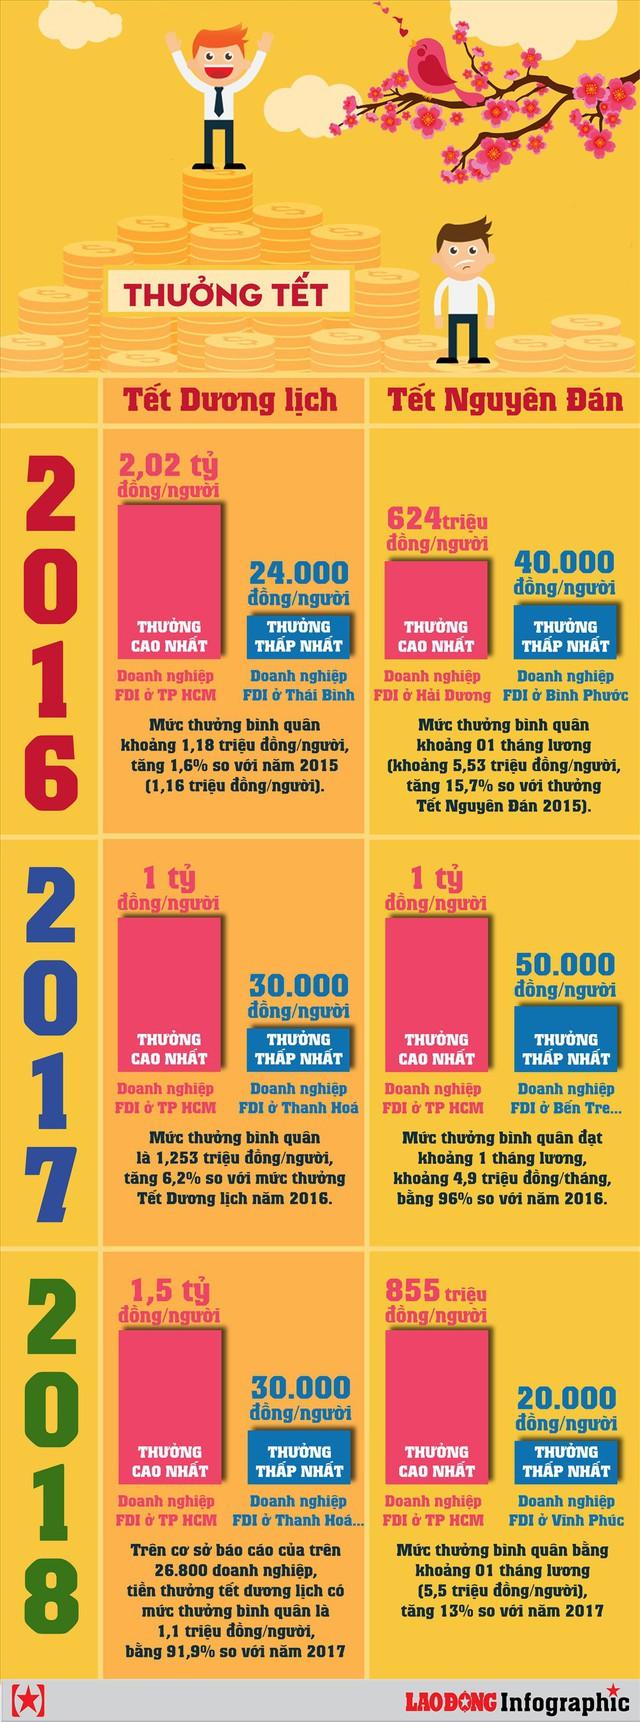 Infographic: Thưởng tết qua các năm dao động như thế nào? - Ảnh 1.